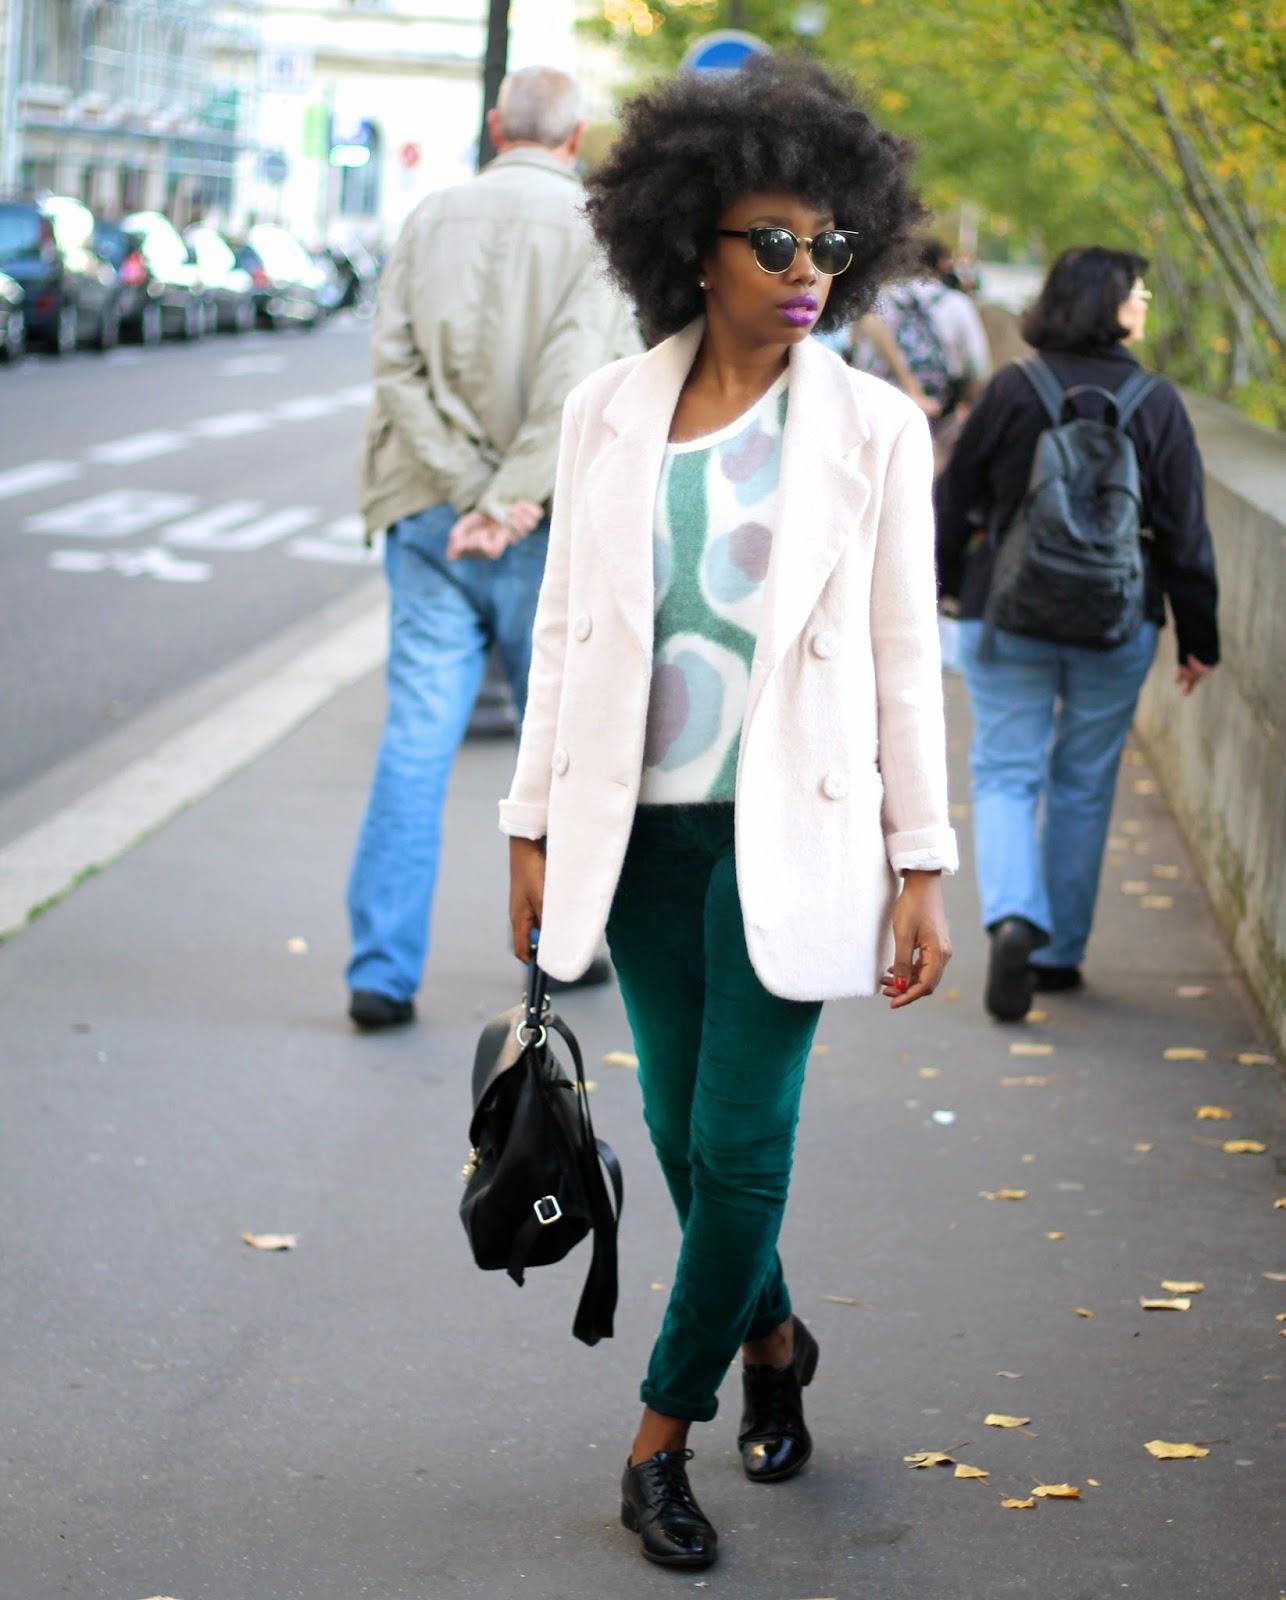 10 Pansy Black Beauty: Blog Beauté, Blog Beauté Noire: A